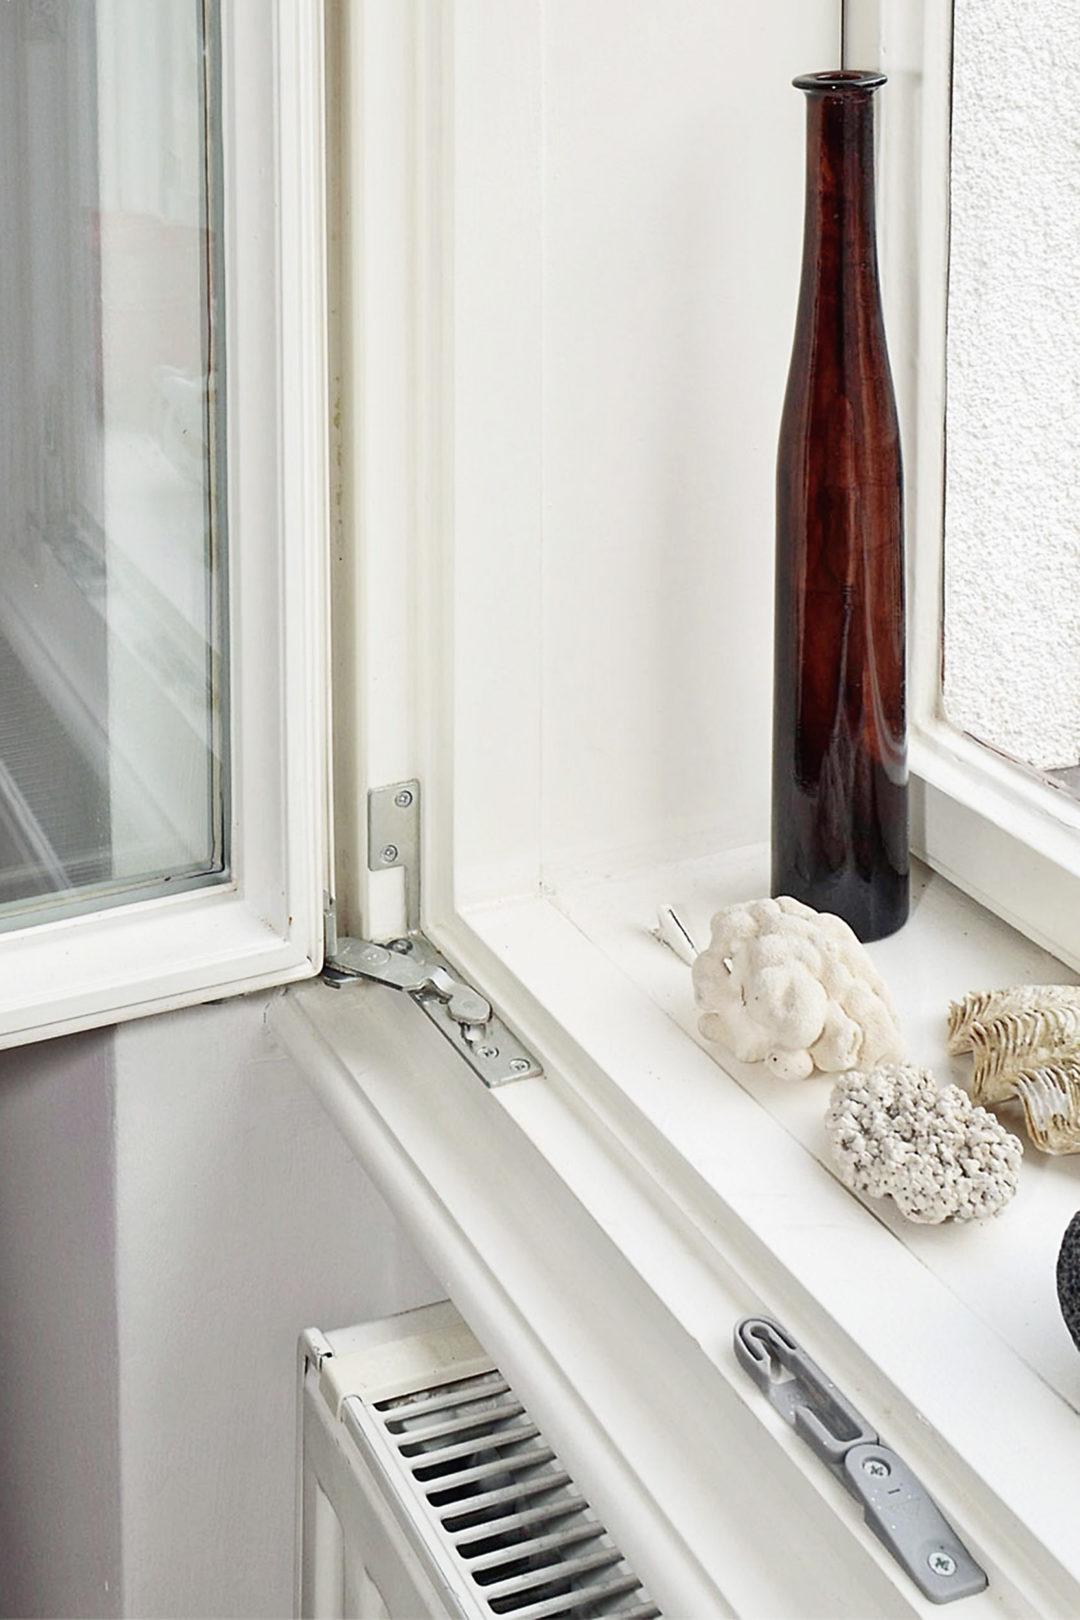 WienerKomfortFenster - Detailfoto eines sanieren Kastenfensters